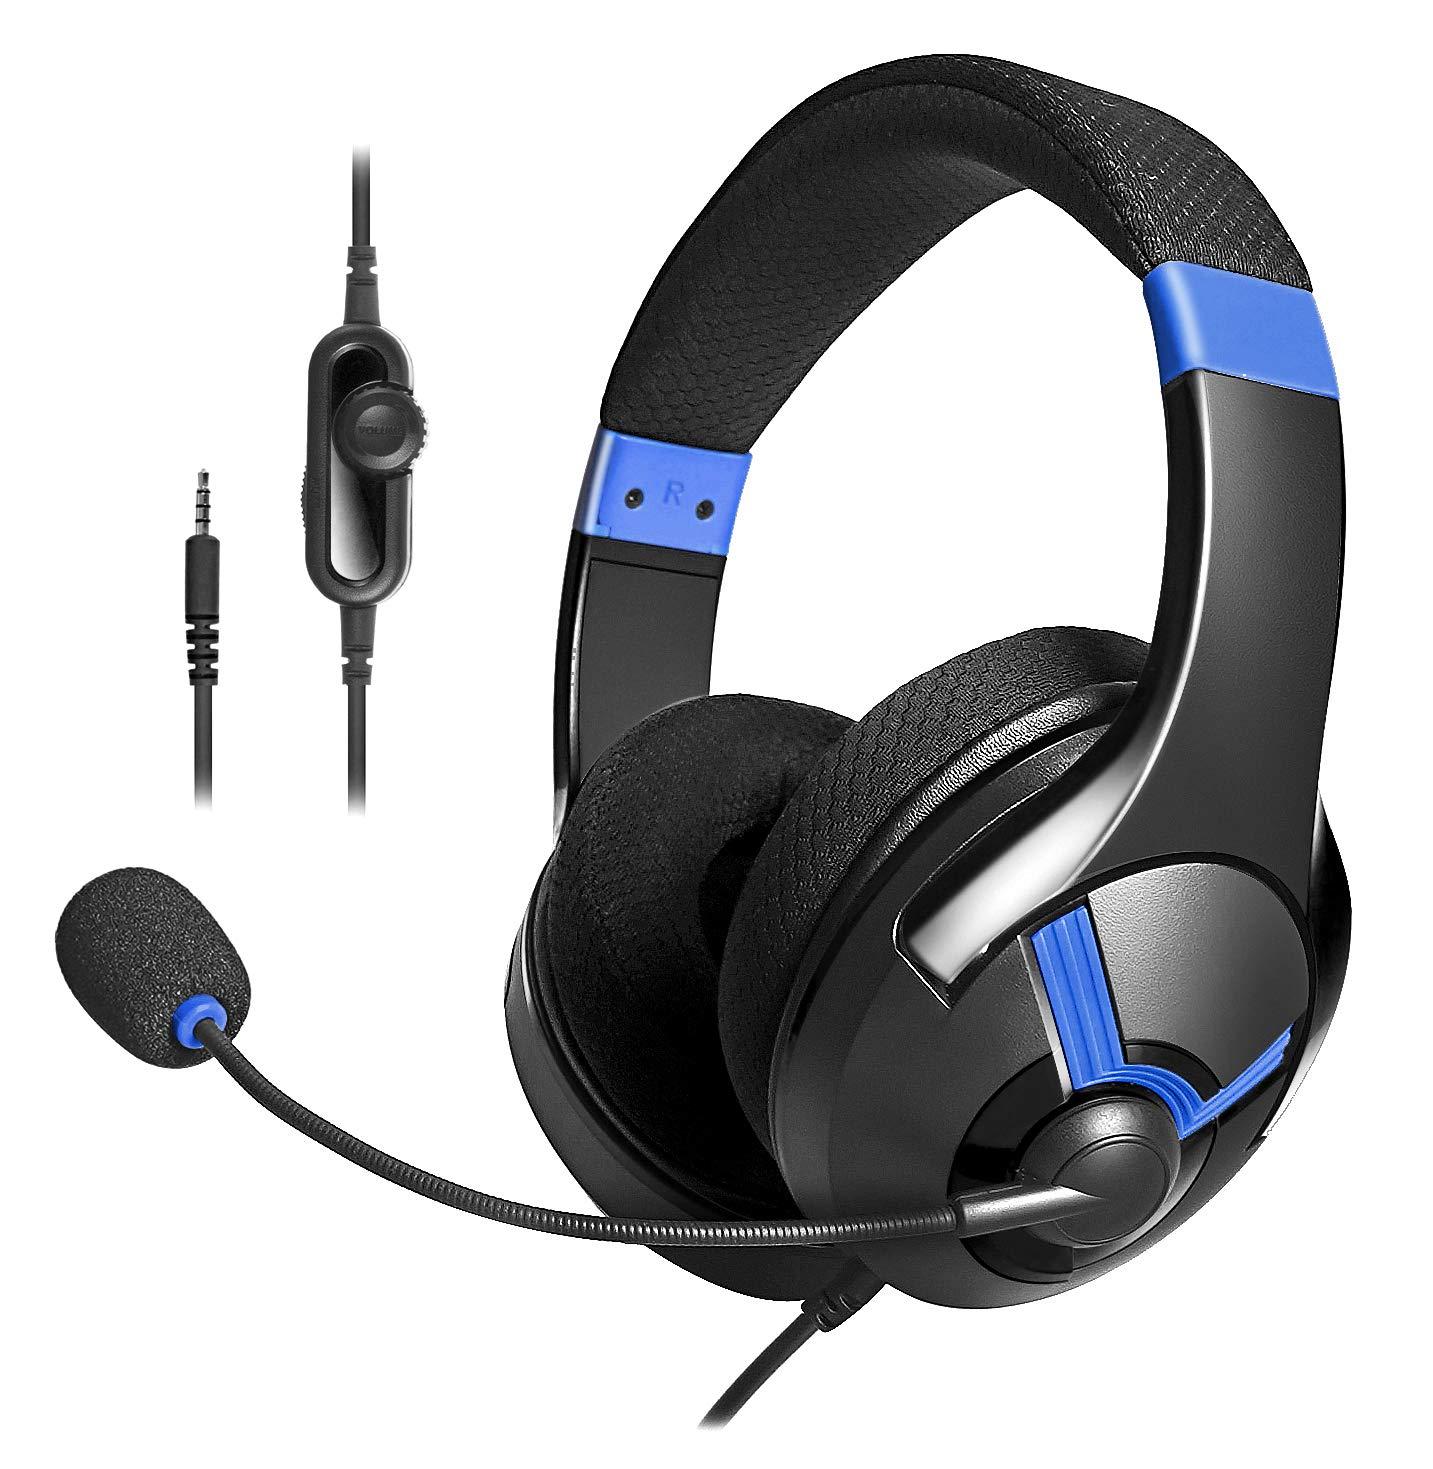 AmazonBasics Gaming Headset - Black And Blue